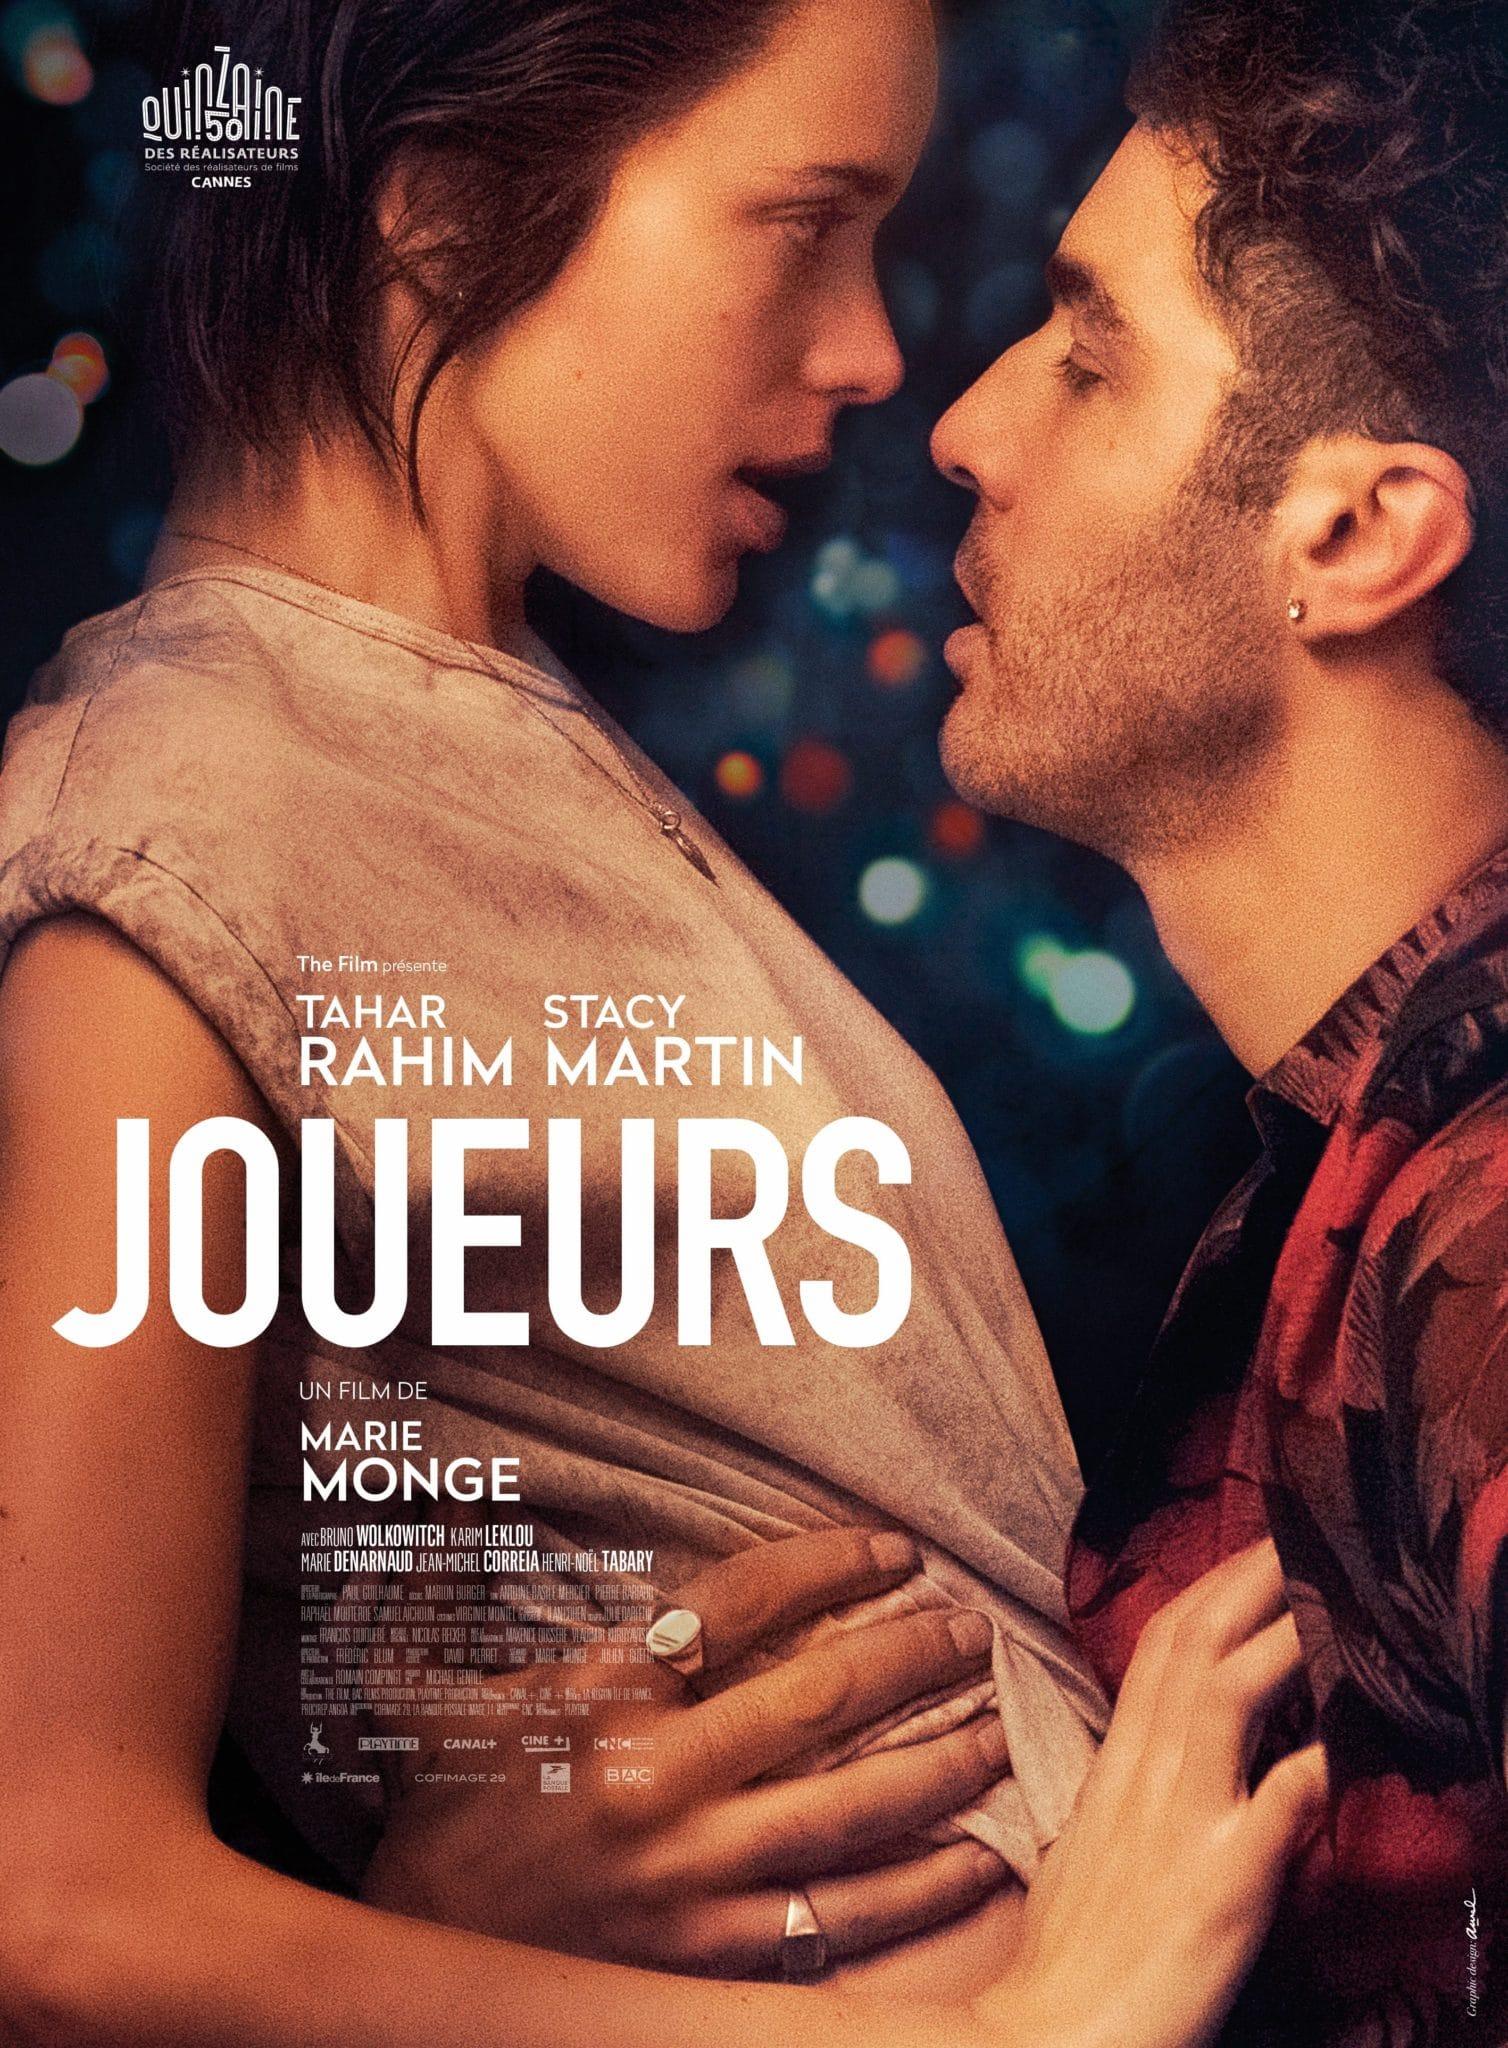 JOUEURS de Marie Monge affiche